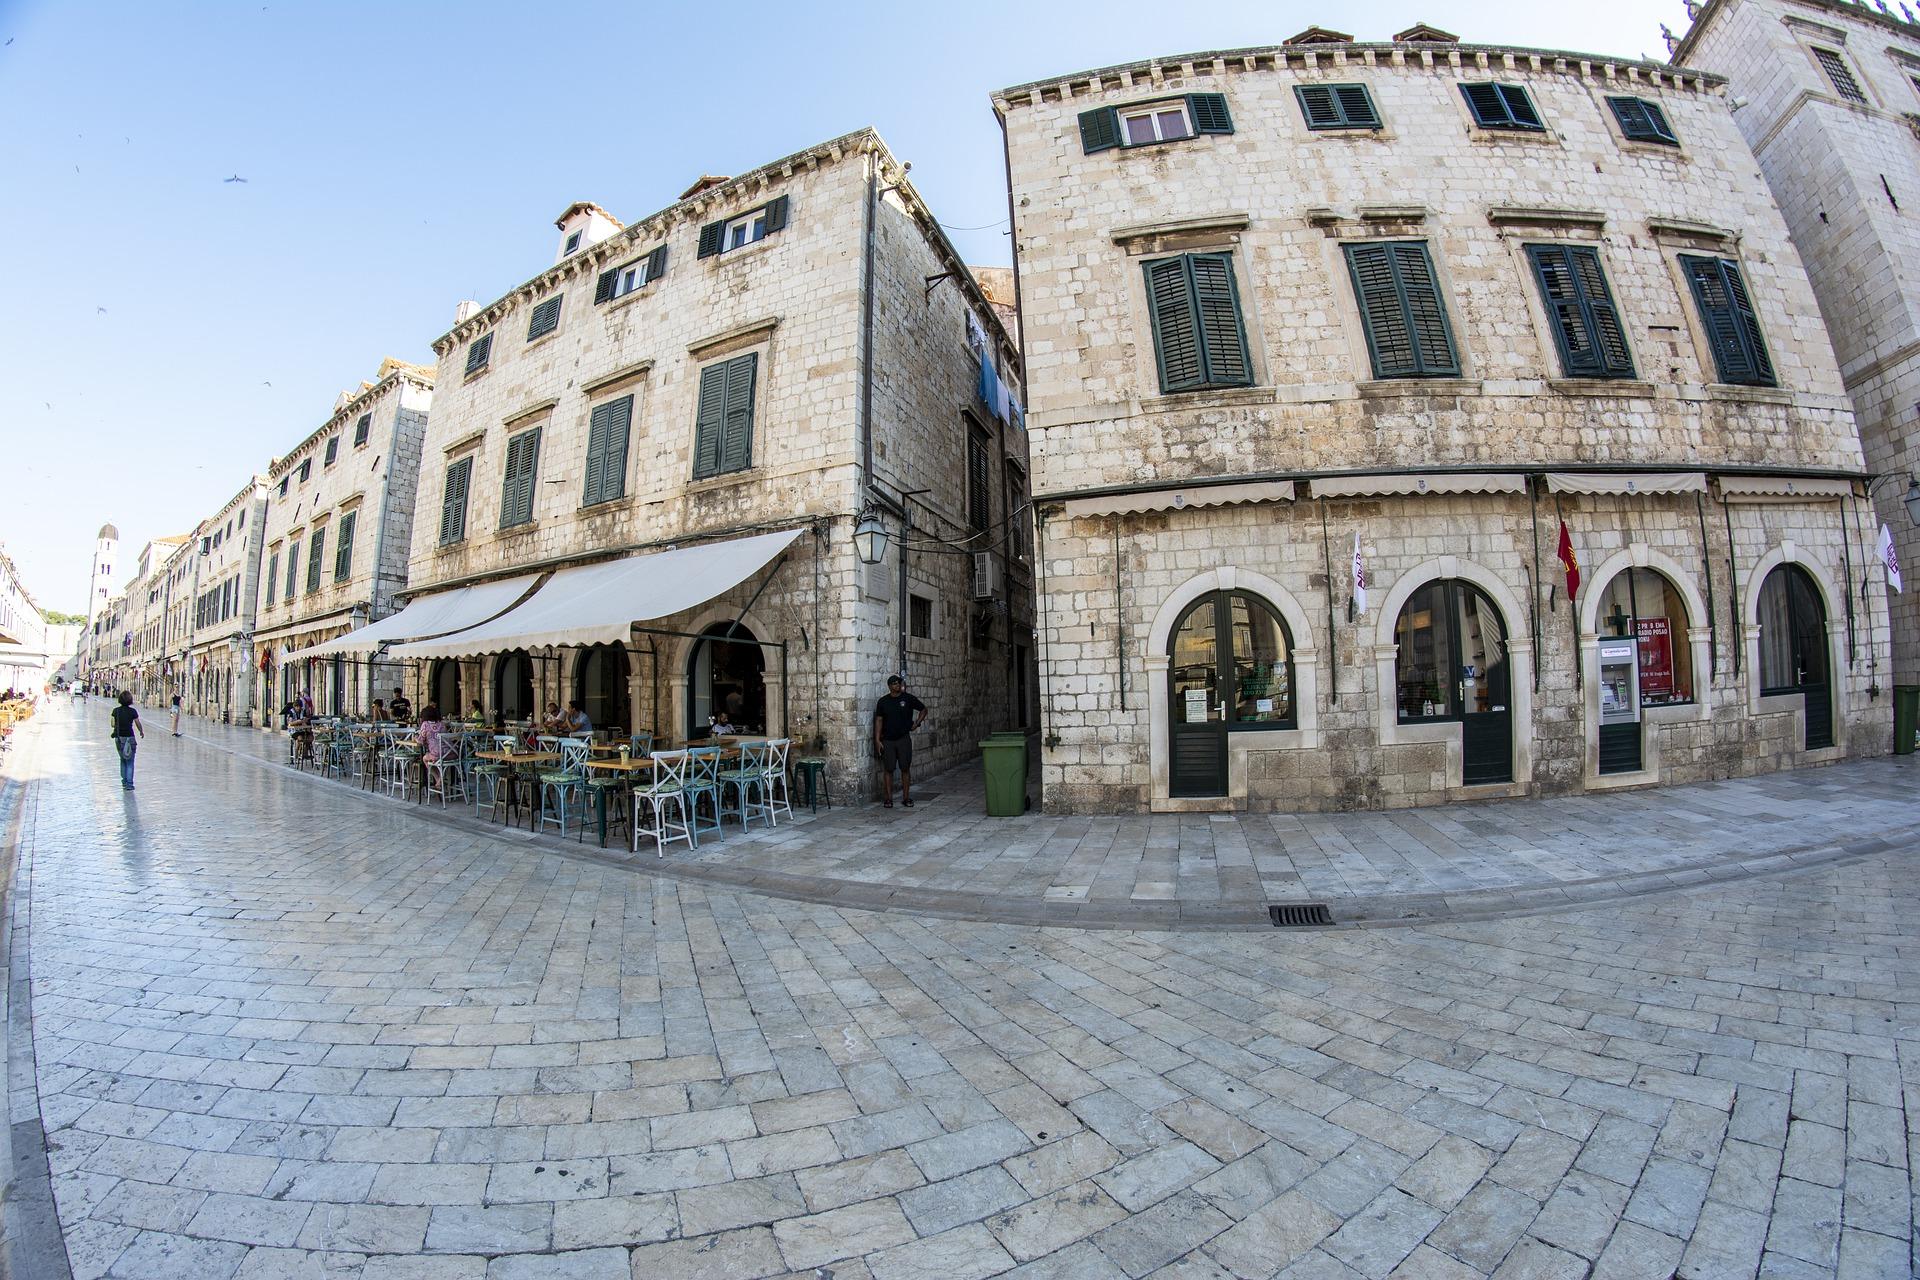 Die Straßen des historischen Zentrums